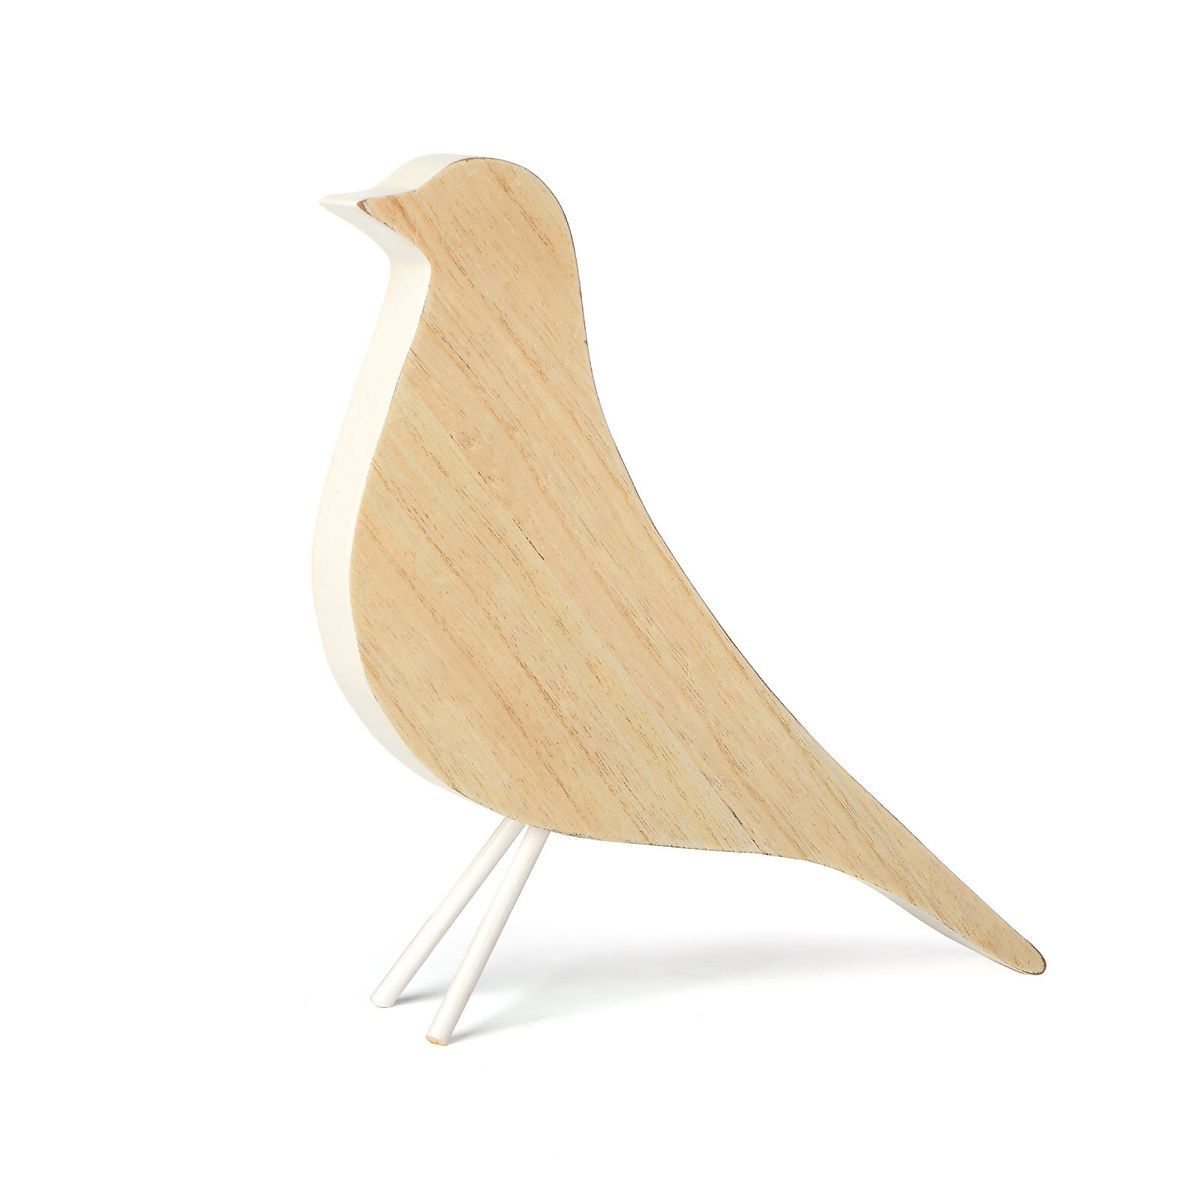 Vogel Holz dekofigur vogel holz weiß h 20 cmdekofigur vogel holz weiß h 20 cm